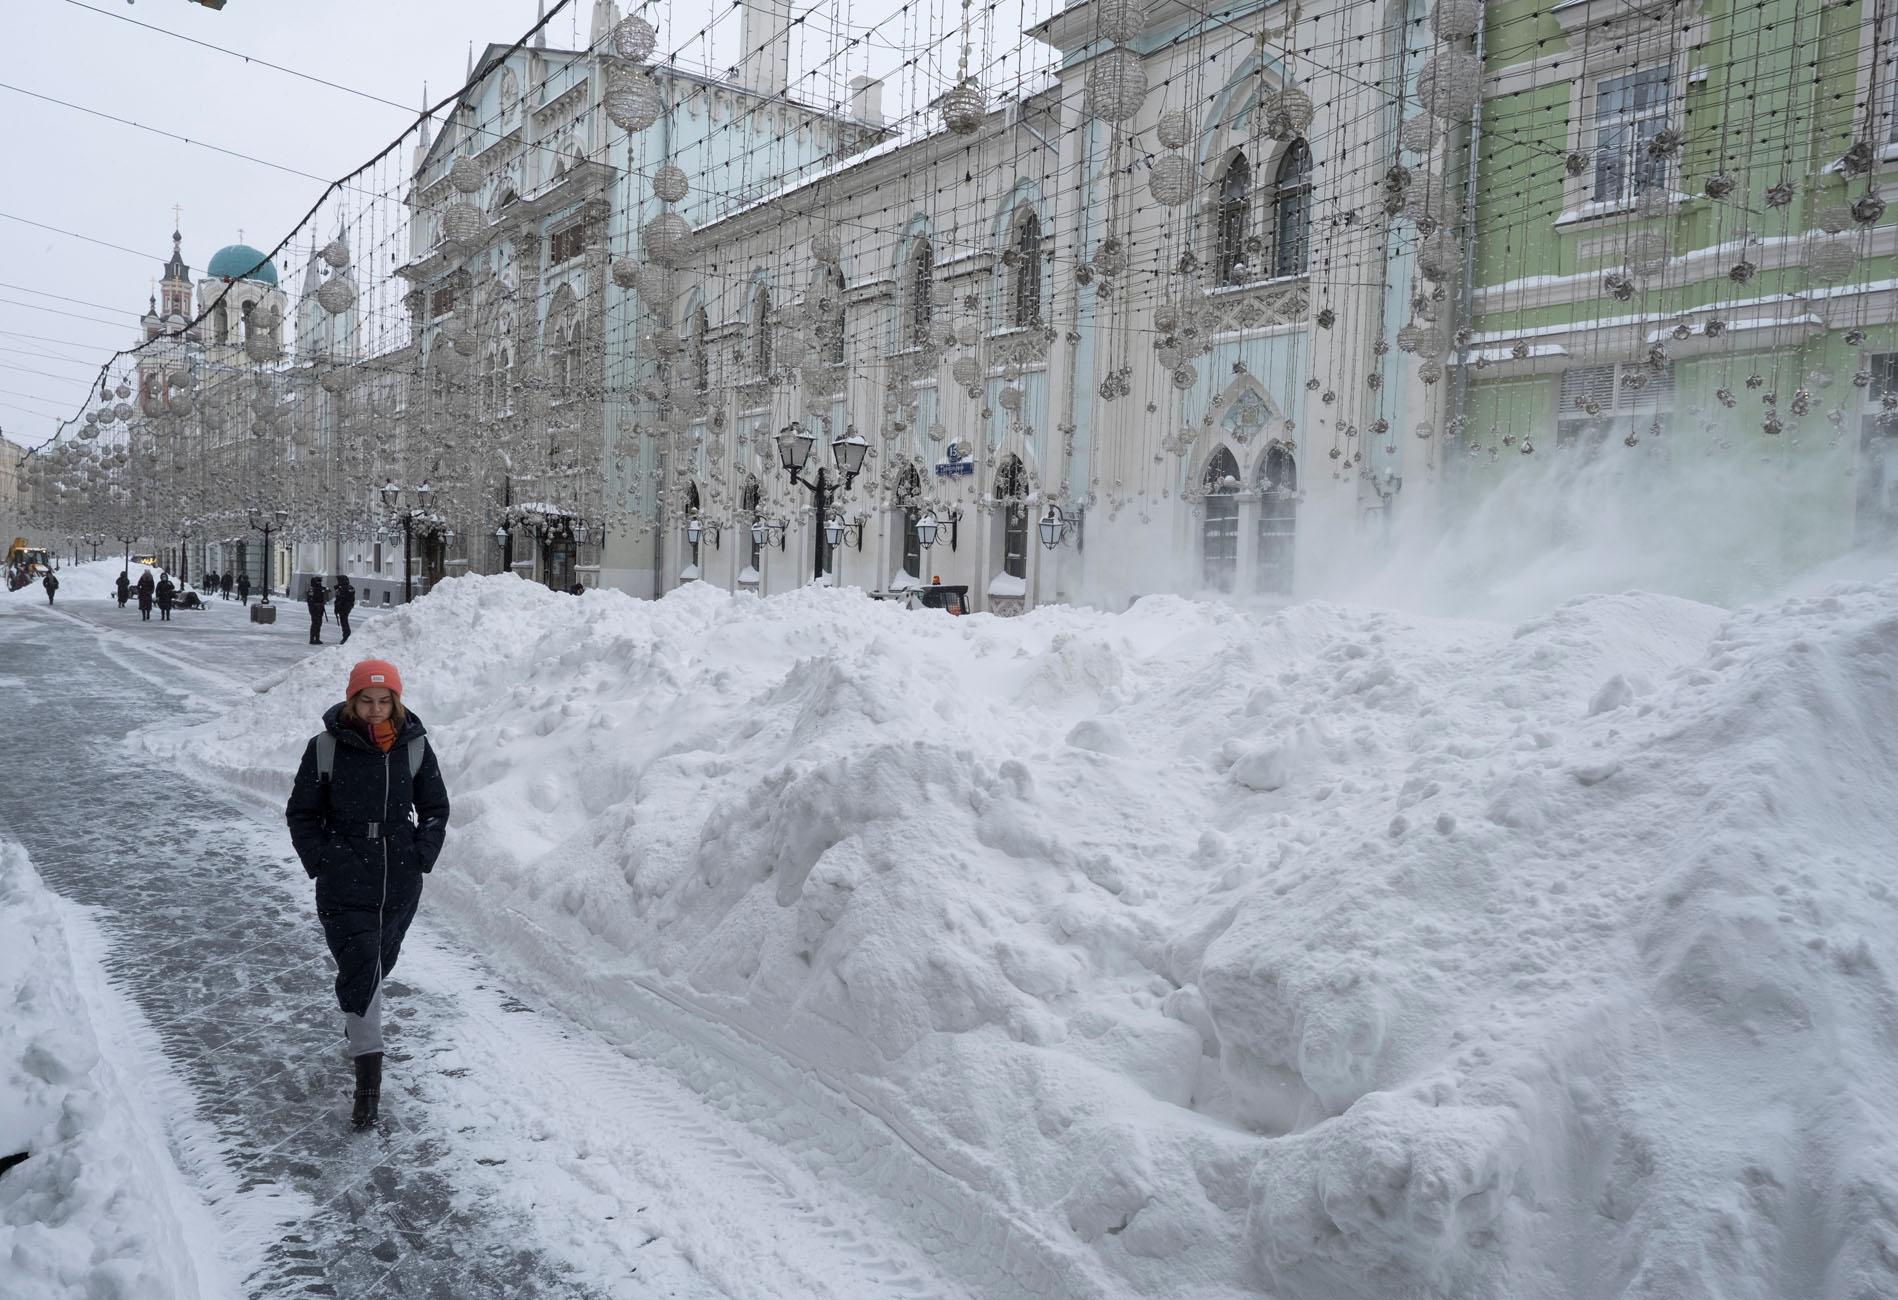 Ρωσία: Επέλαση του χιονιά στη Μόσχα – Προβλήματα στις μετακινήσεις και ακυρώσεις πτήσεων